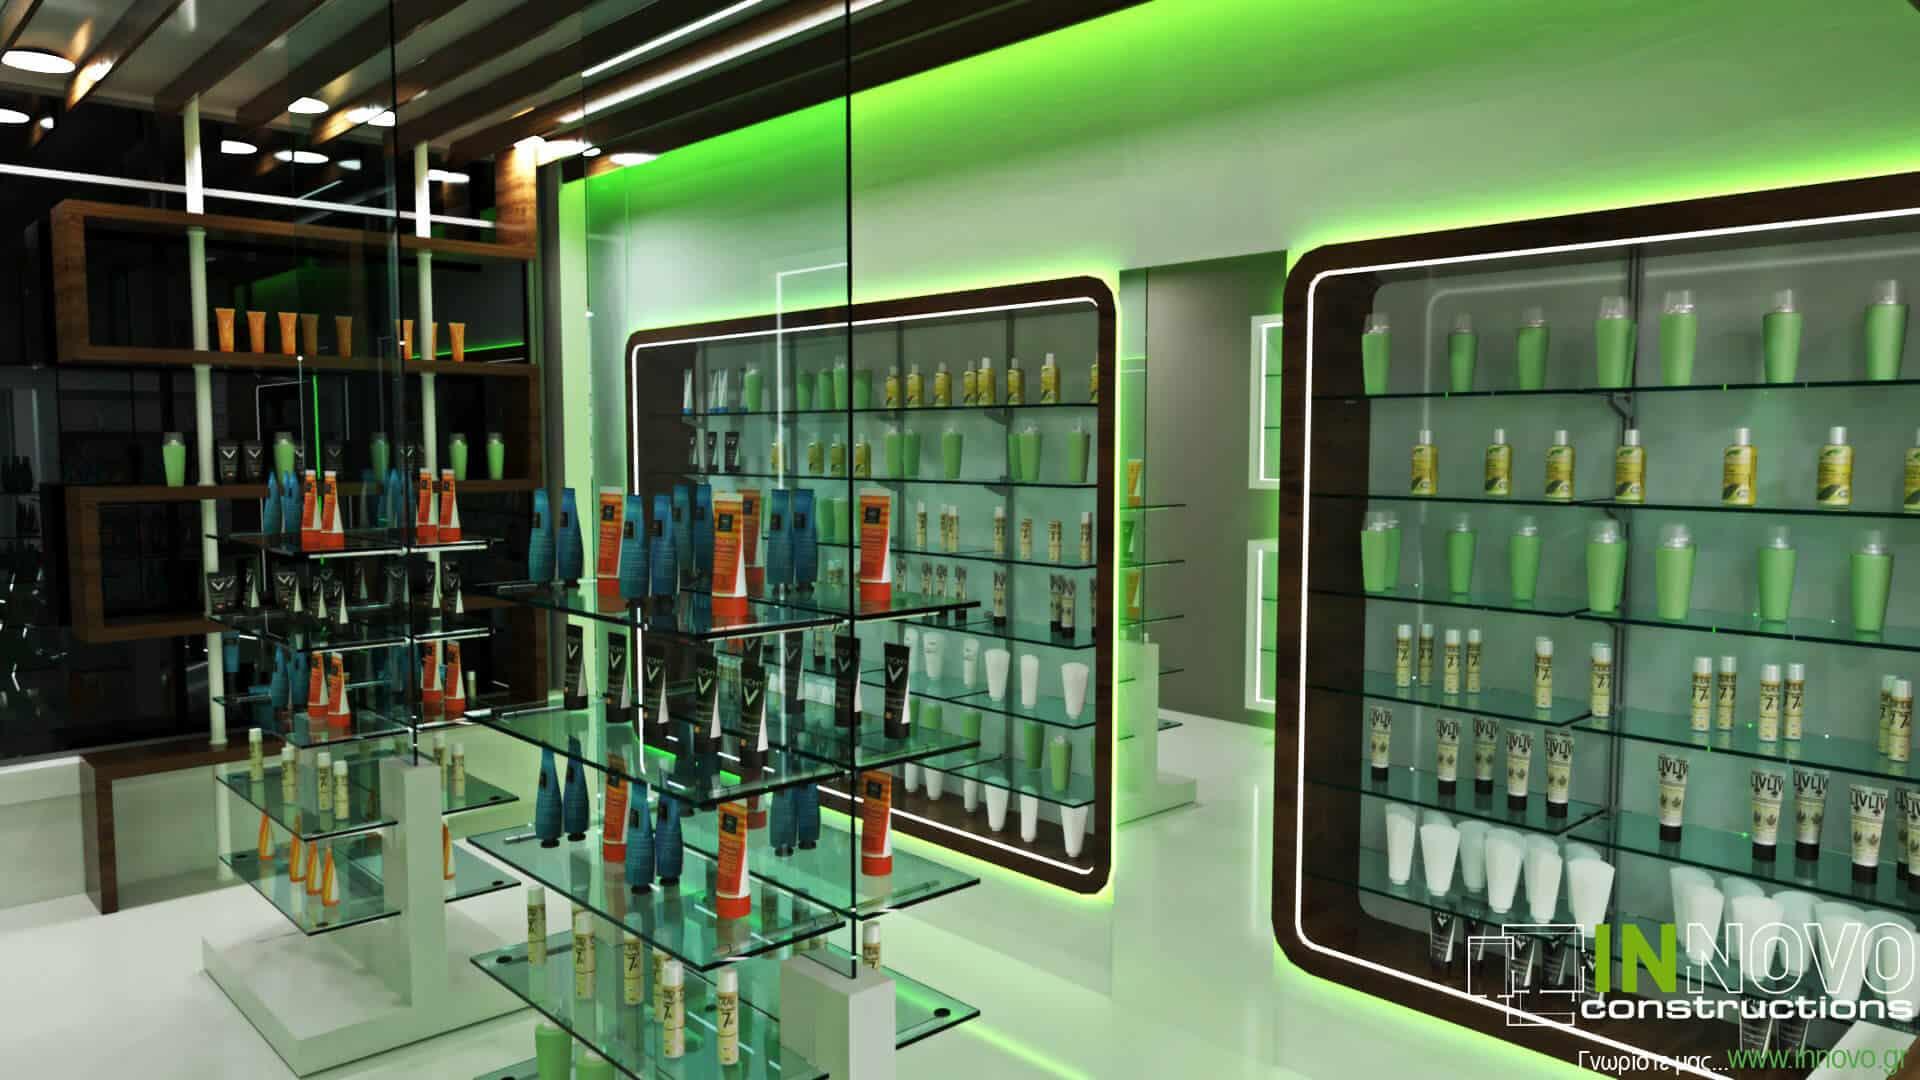 Μελέτη ανακαίνισης φαρμακείου στο Άμστερνταμ